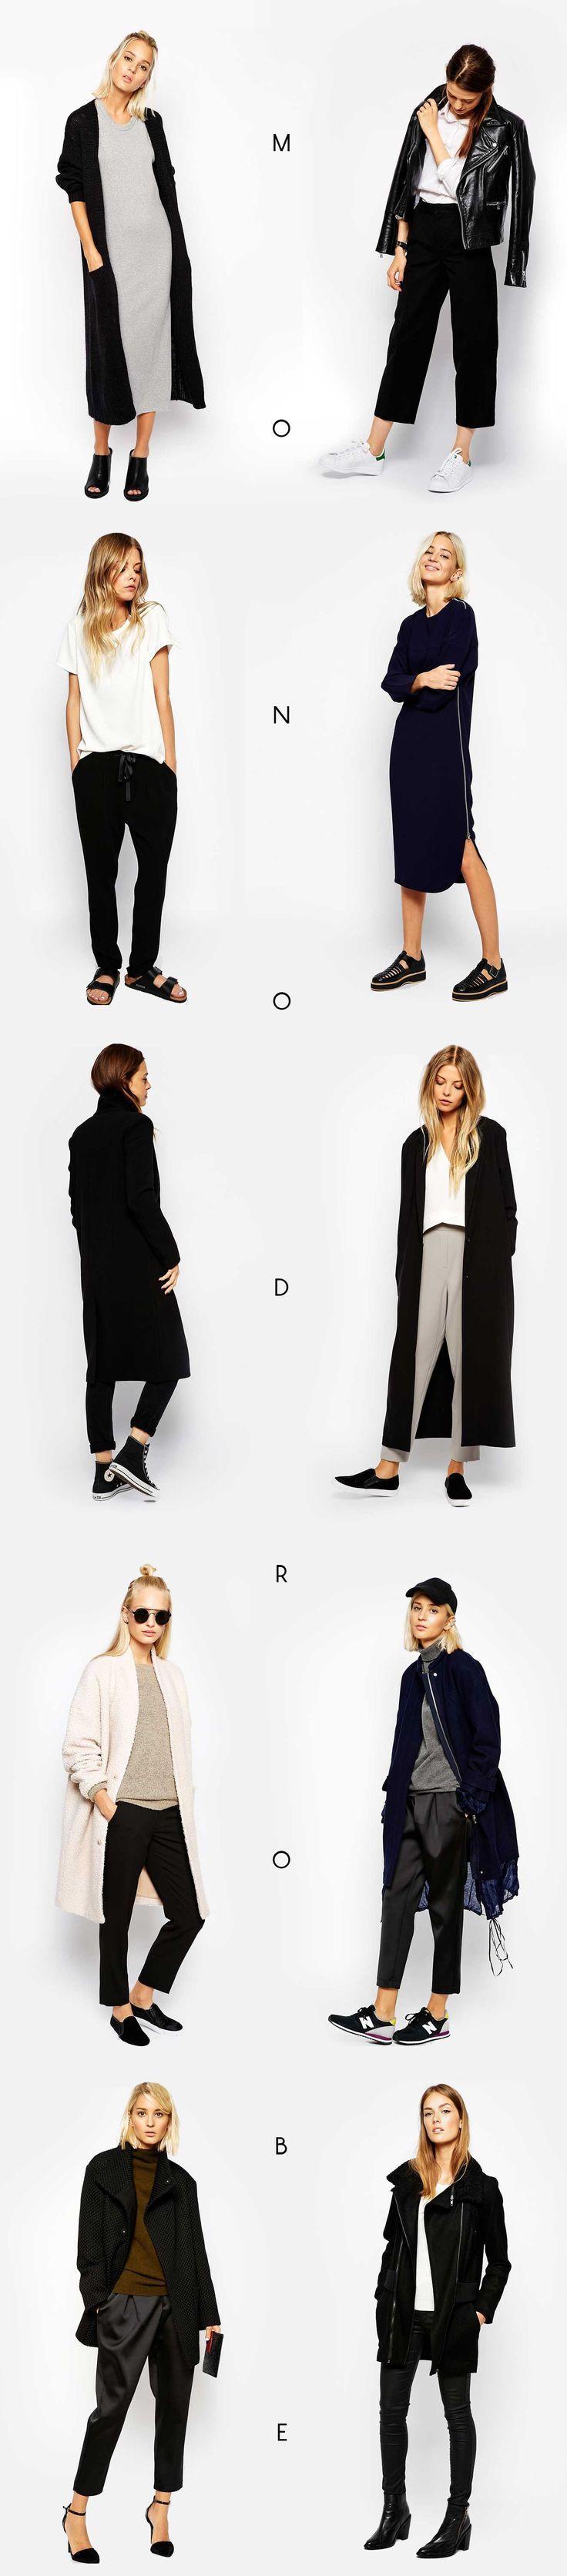 Mono Wardrobe. Monodrobe – #minimalist #Mono #Monodrobe #Wardrobe